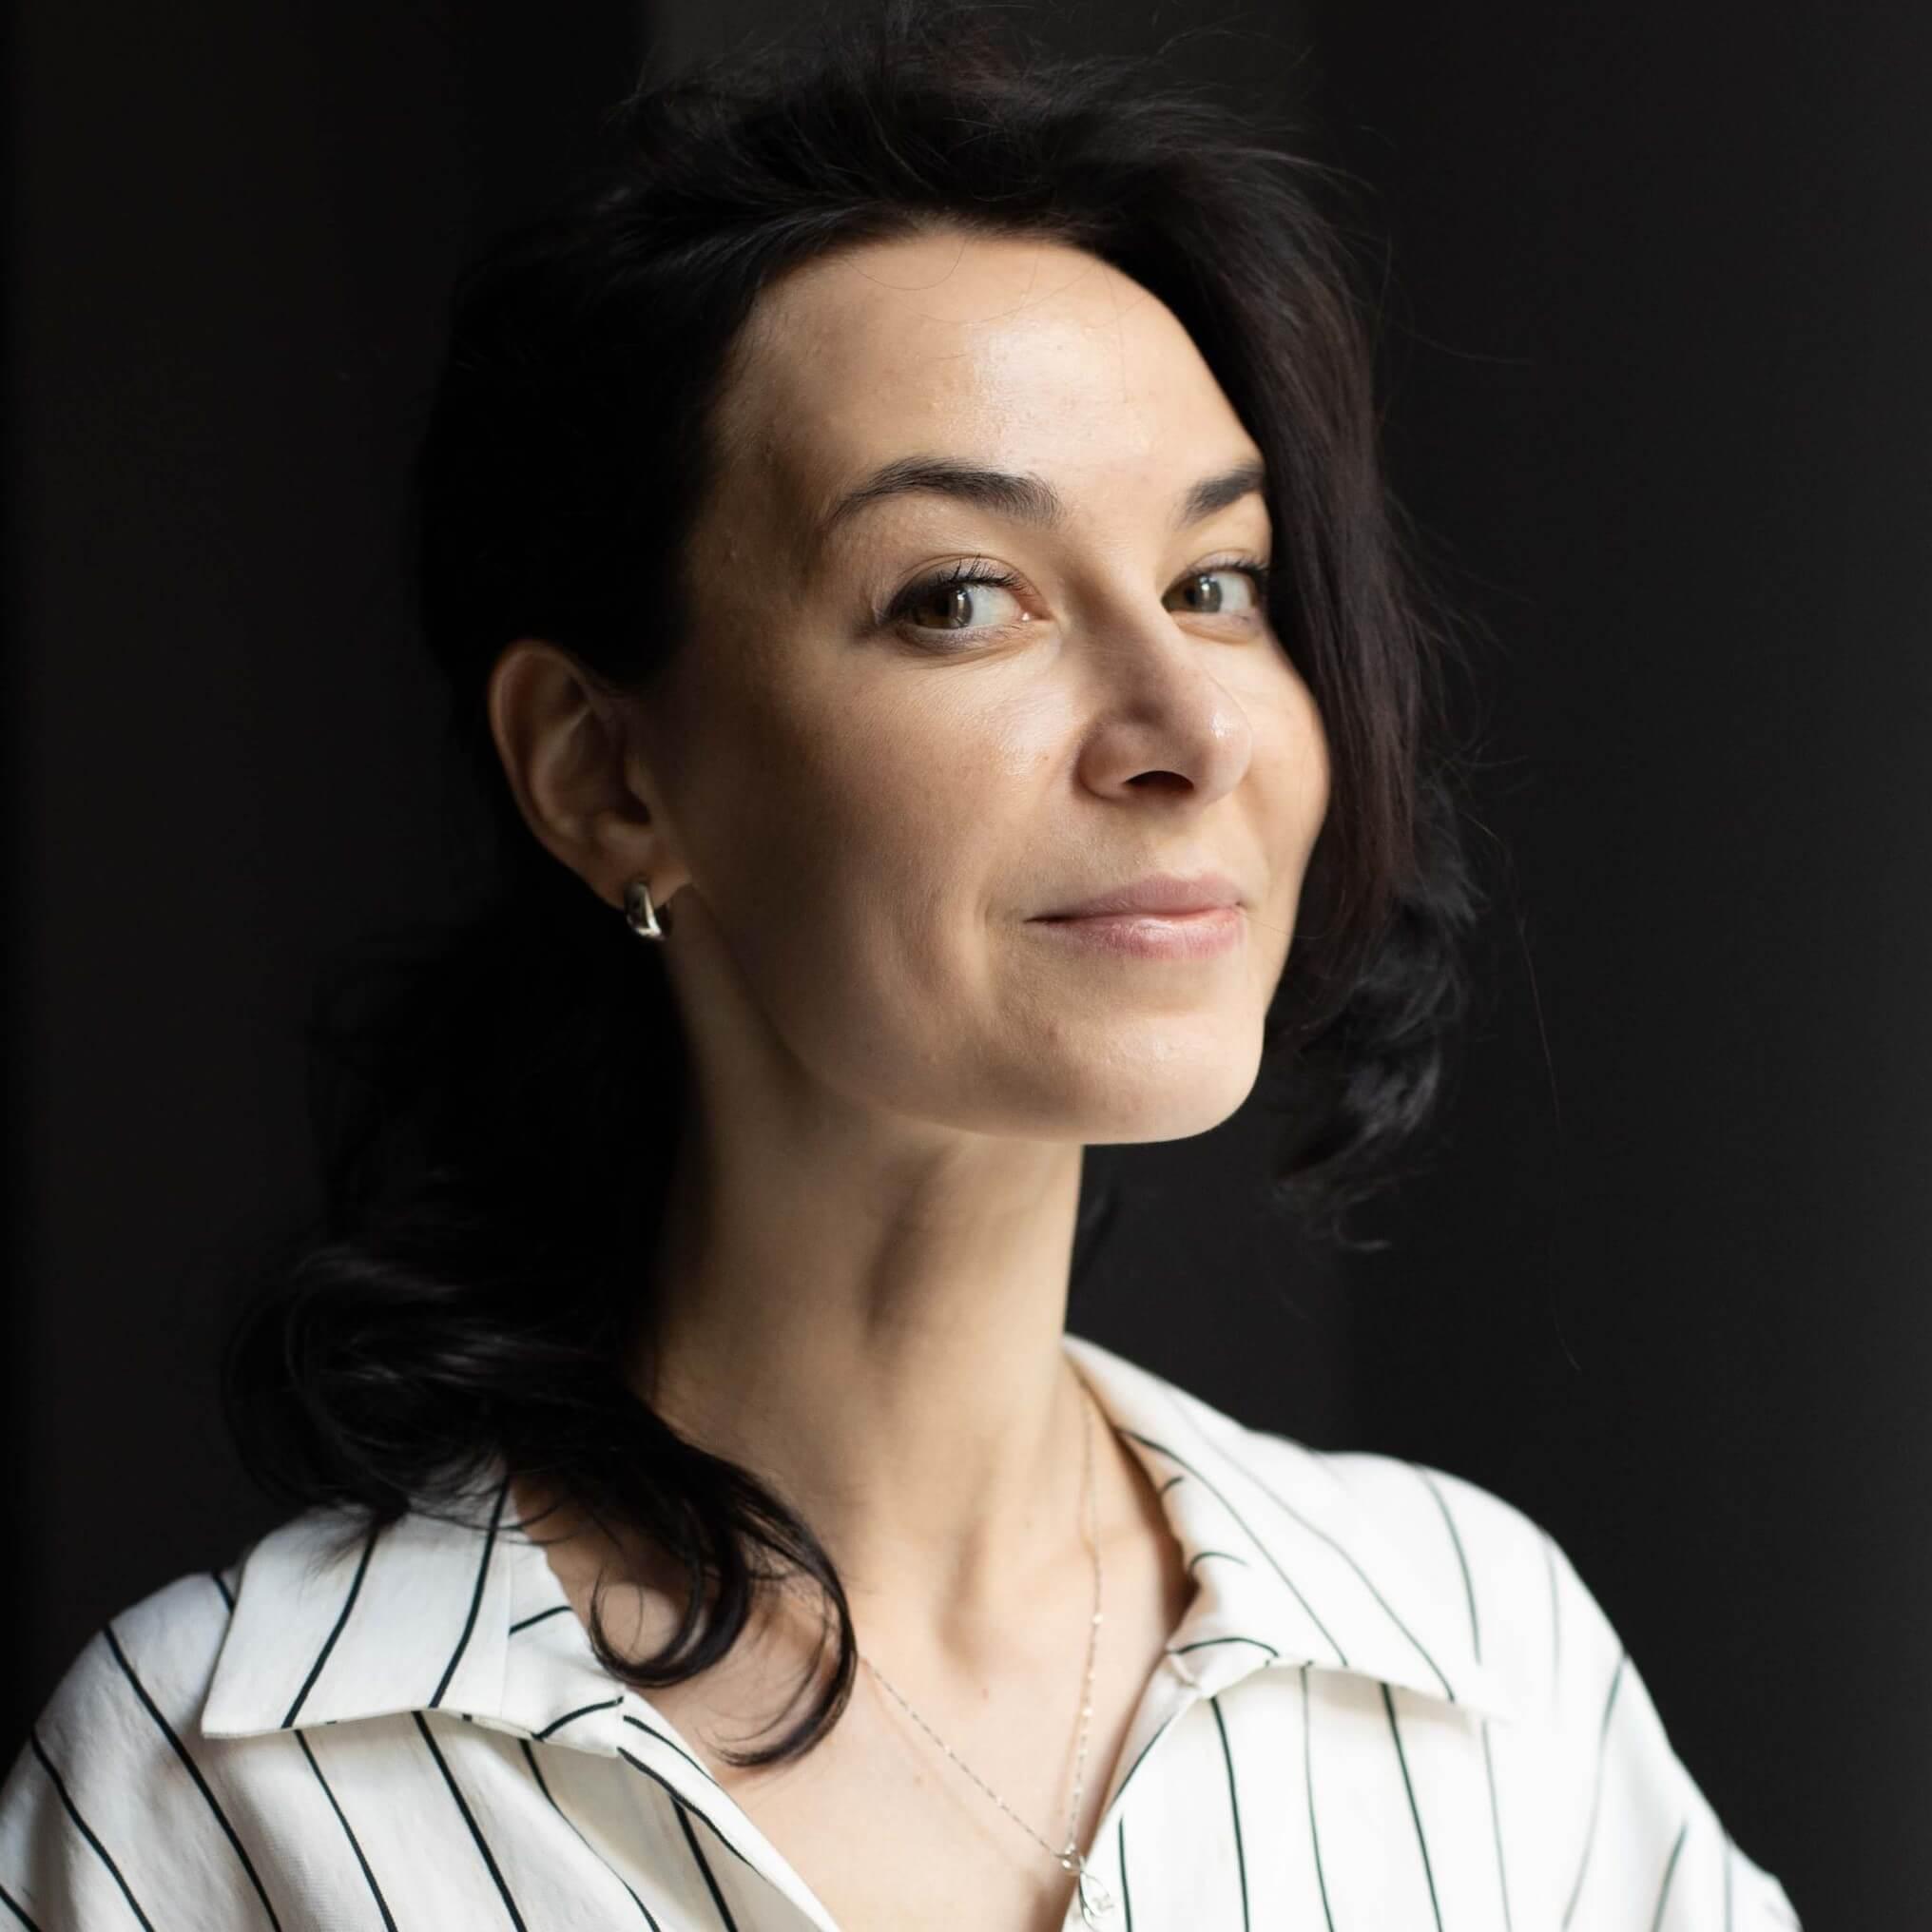 Валерия Мусатова